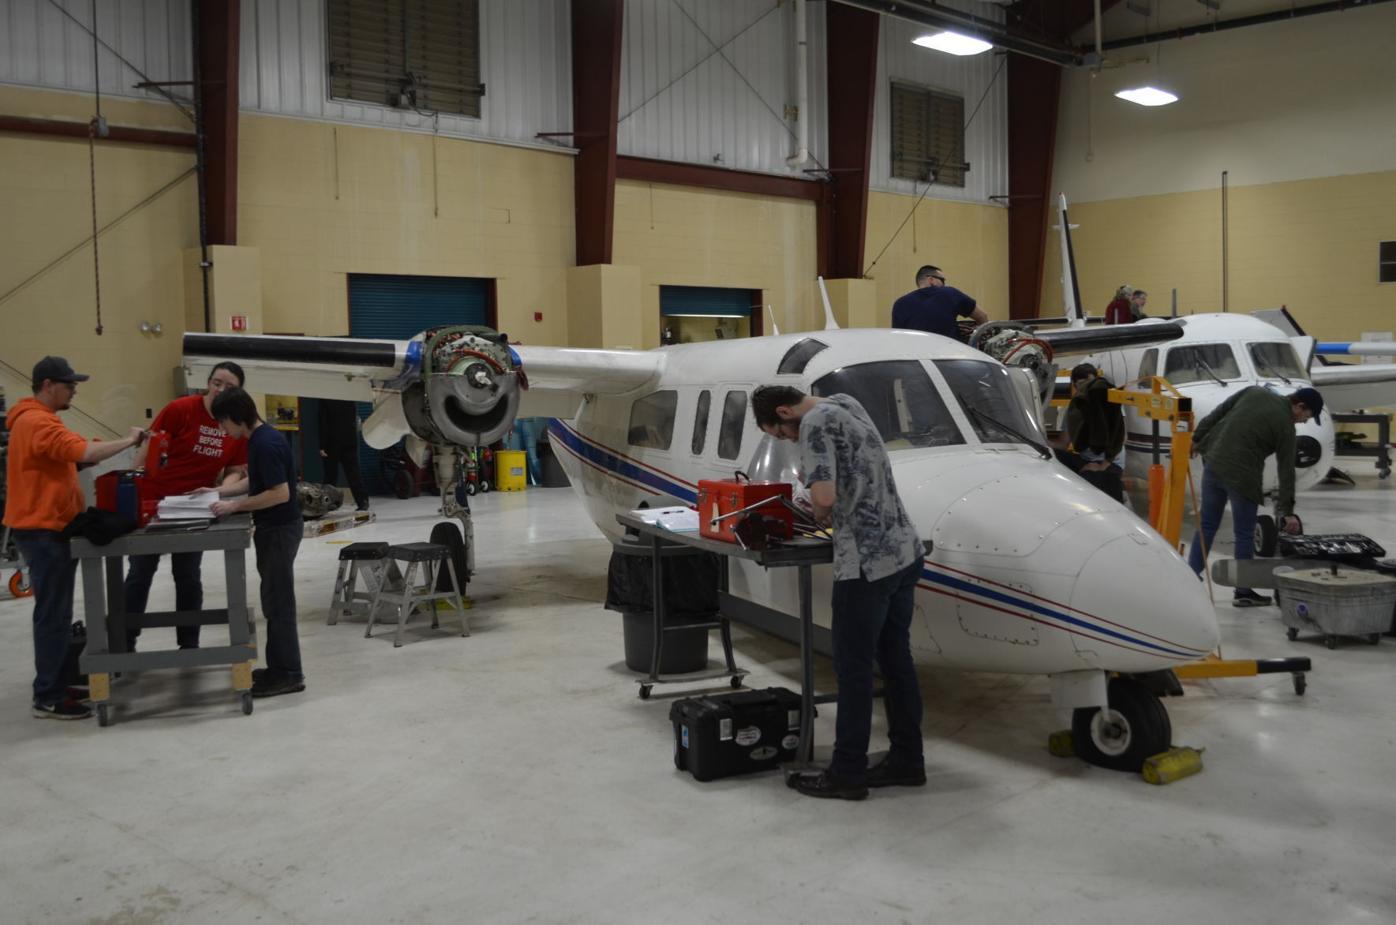 Pierpont aviation student